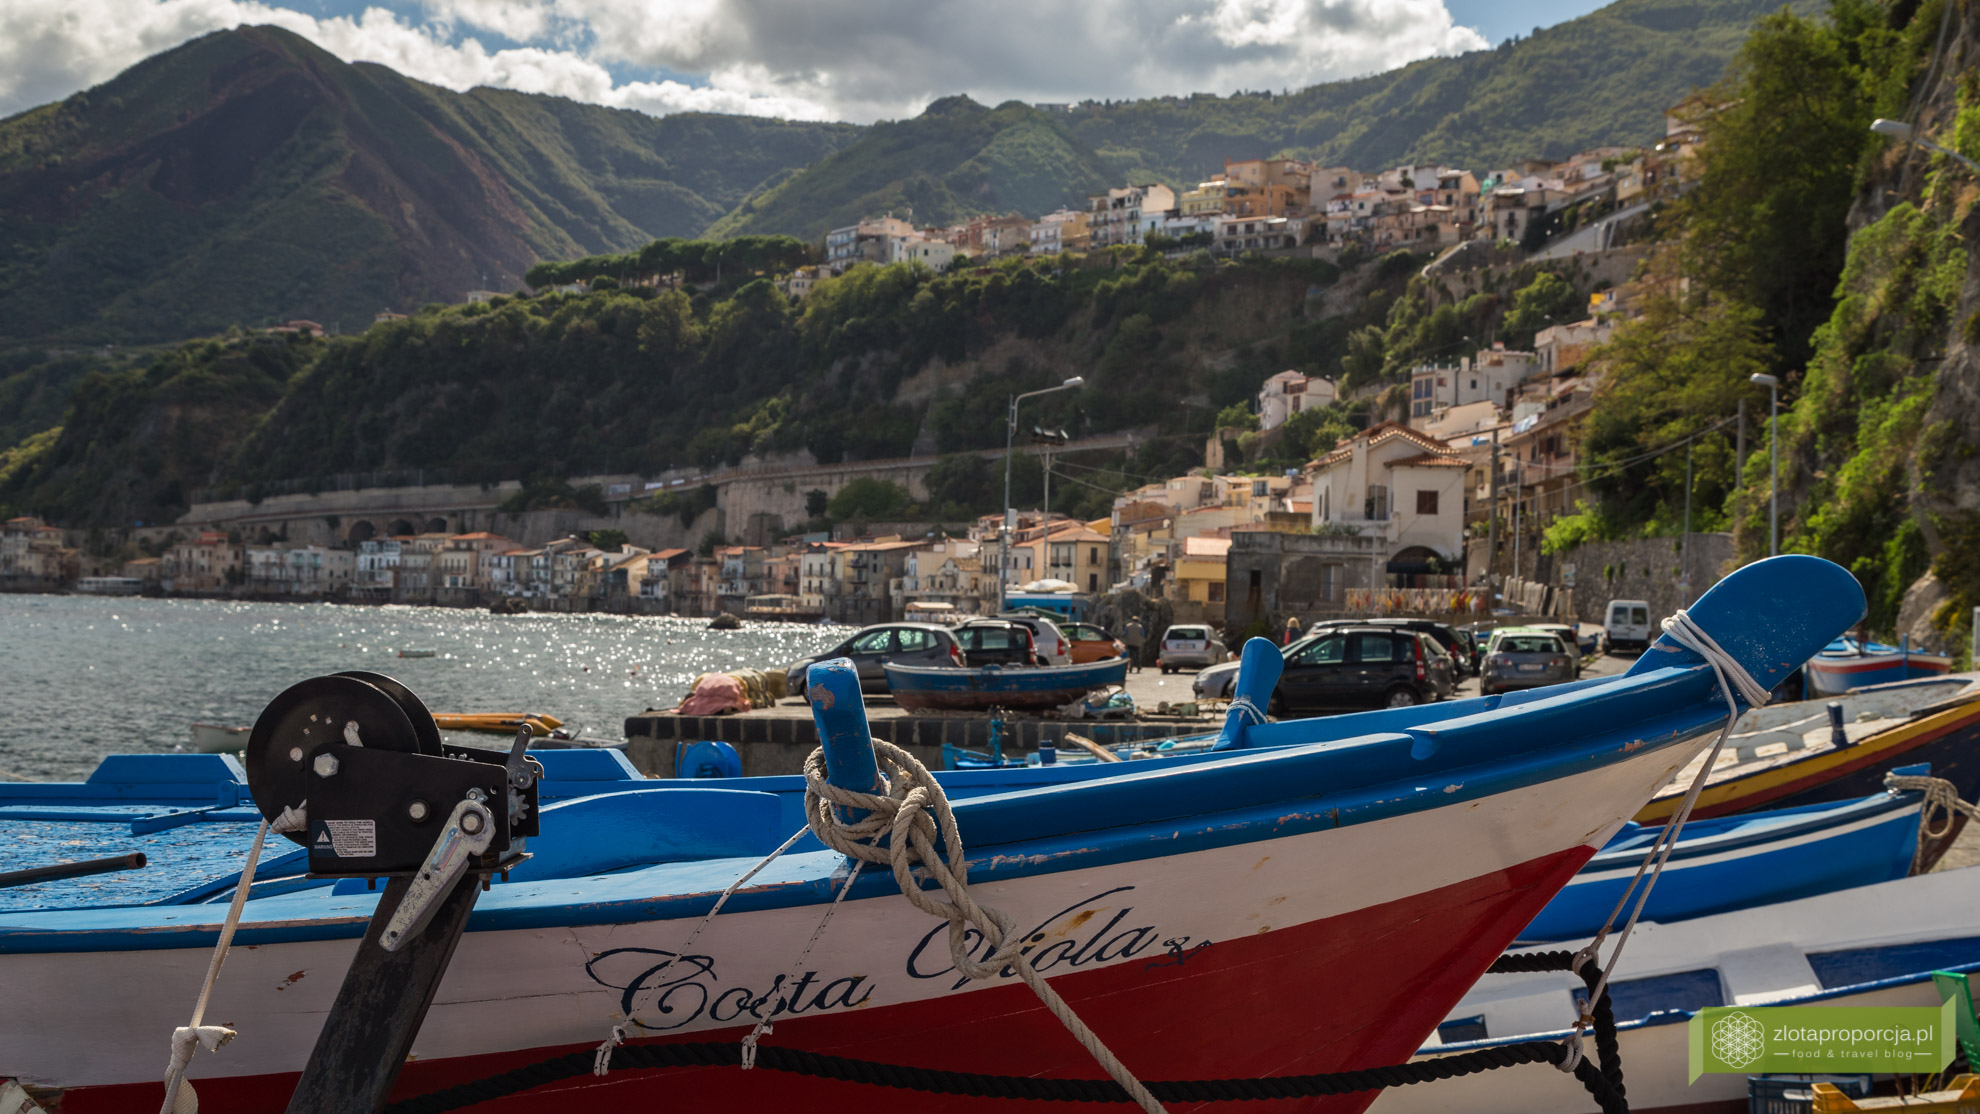 Scilla, Kalabria, Scilla atrakcje, Scilla co zobaczyć, Chianalea, Włochy, Kalabria atrakcje